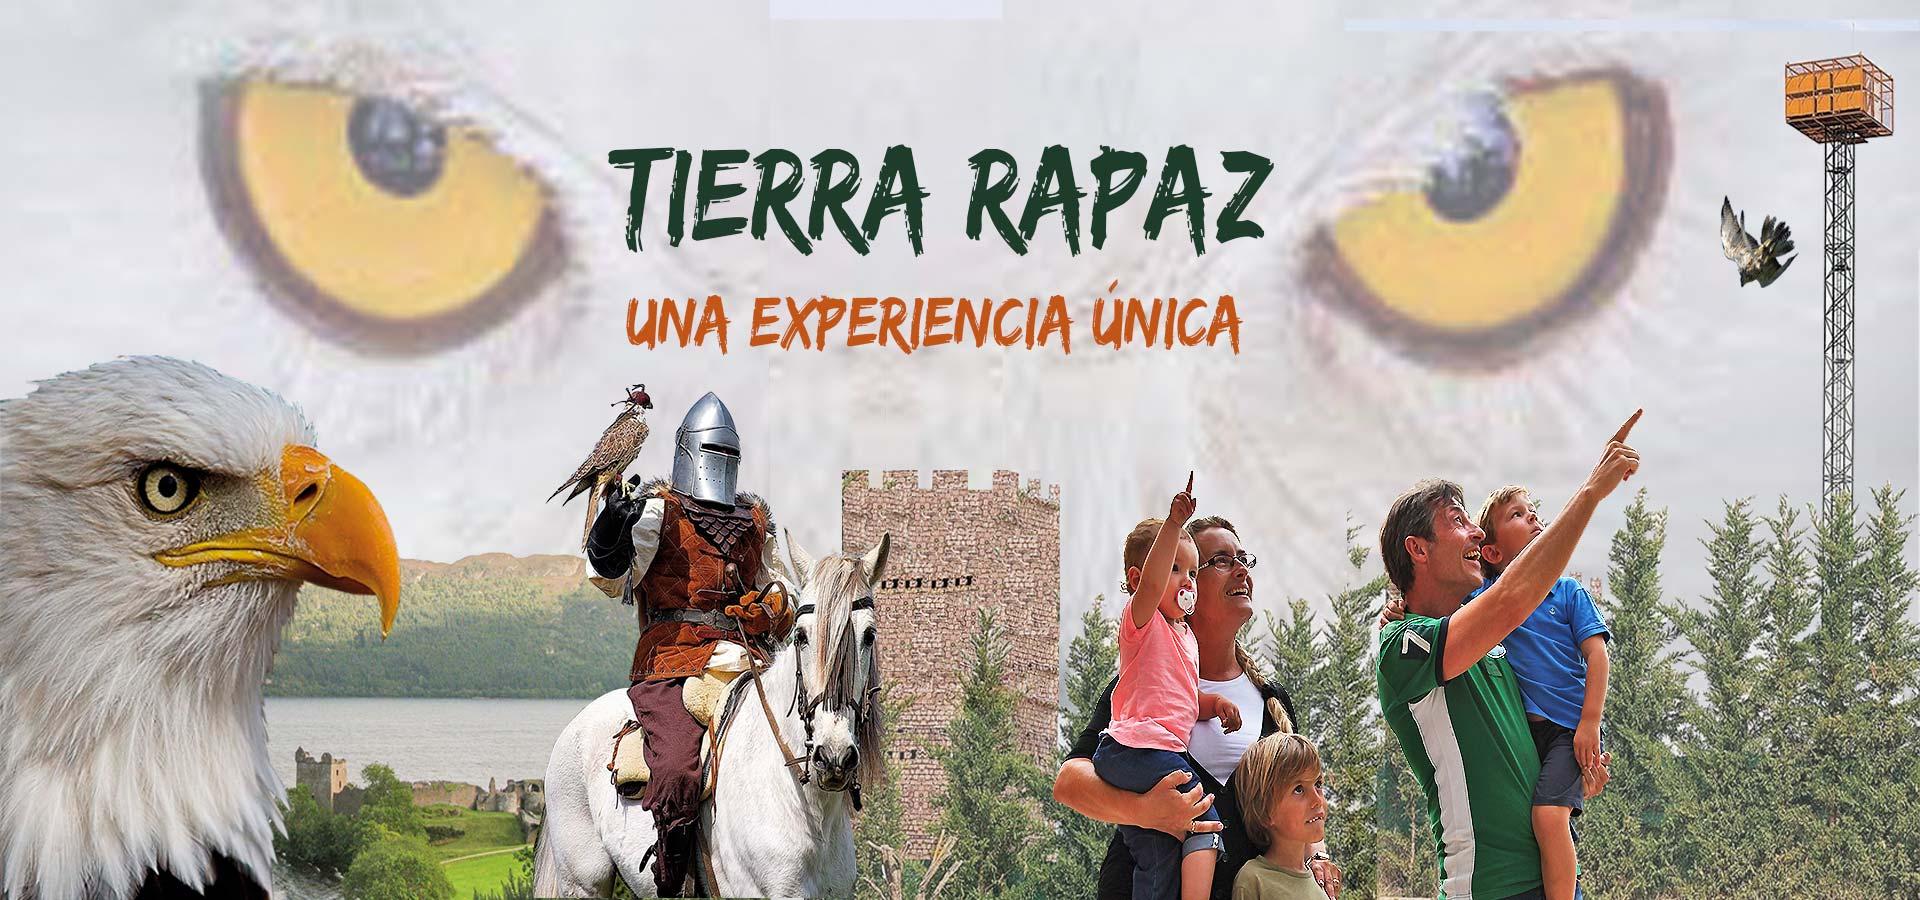 TIERRA RAPAZ UNA EXPERIENCIA INOLVIADABLE